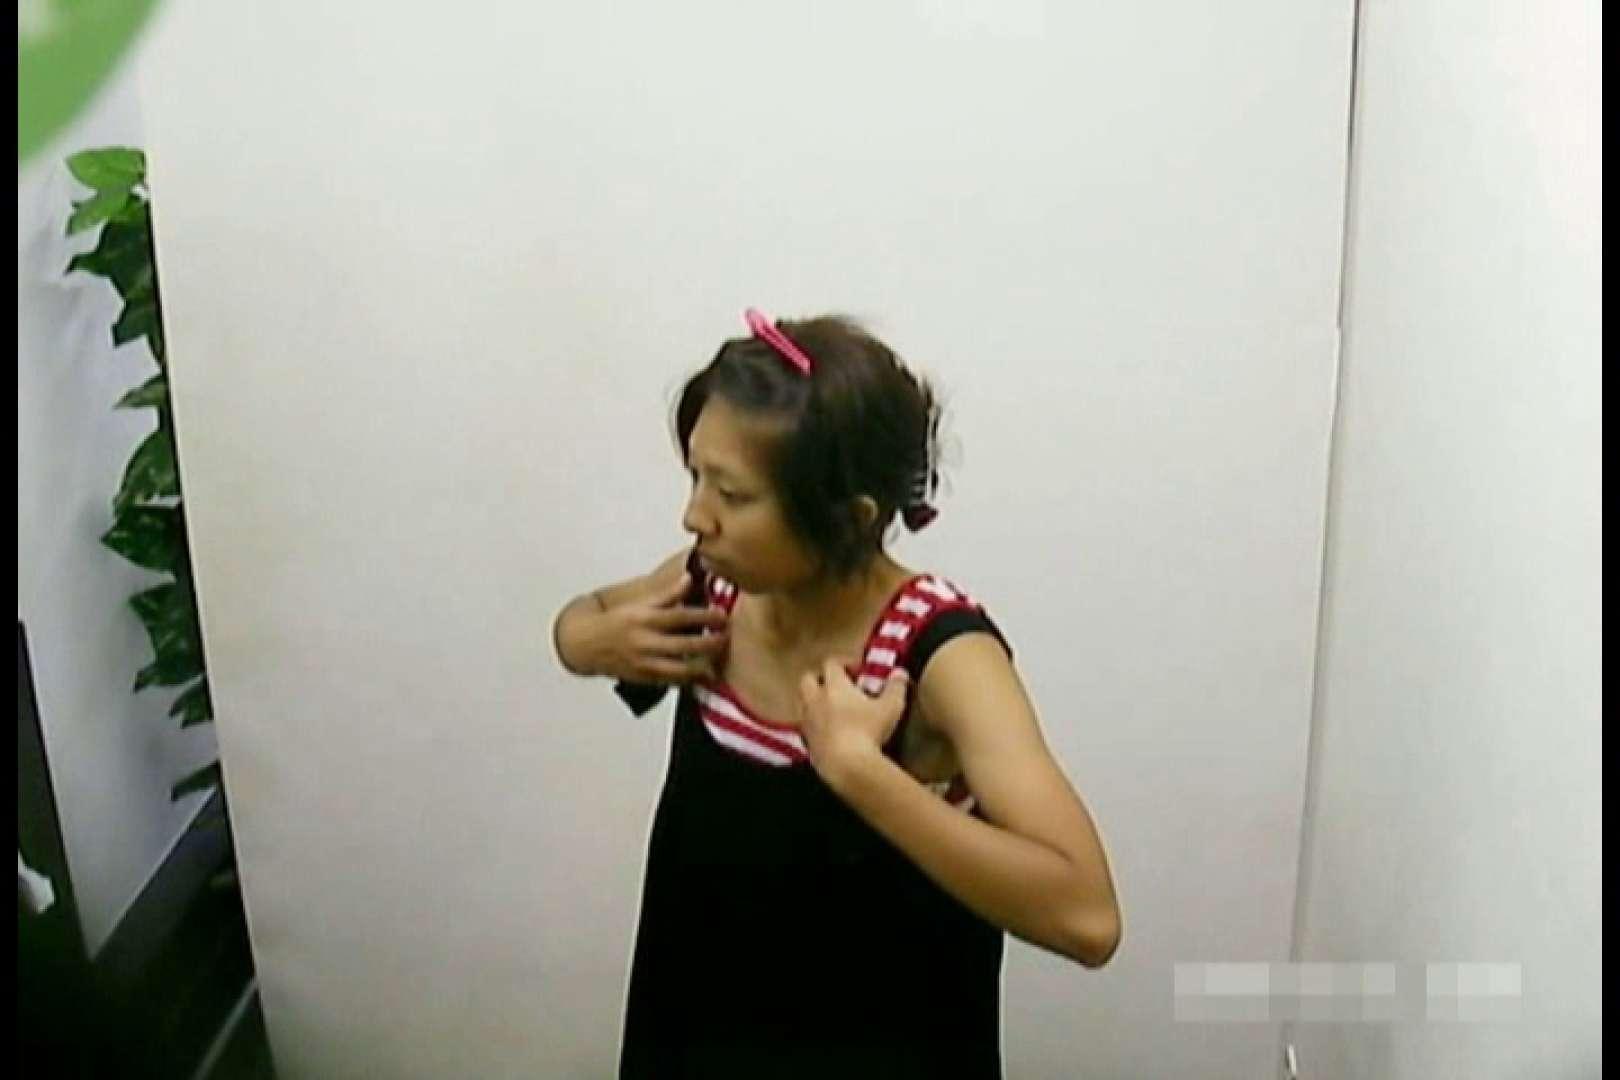 素人撮影 下着だけの撮影のはずが・・・エミちゃん18歳 素人流出  85PIX 8